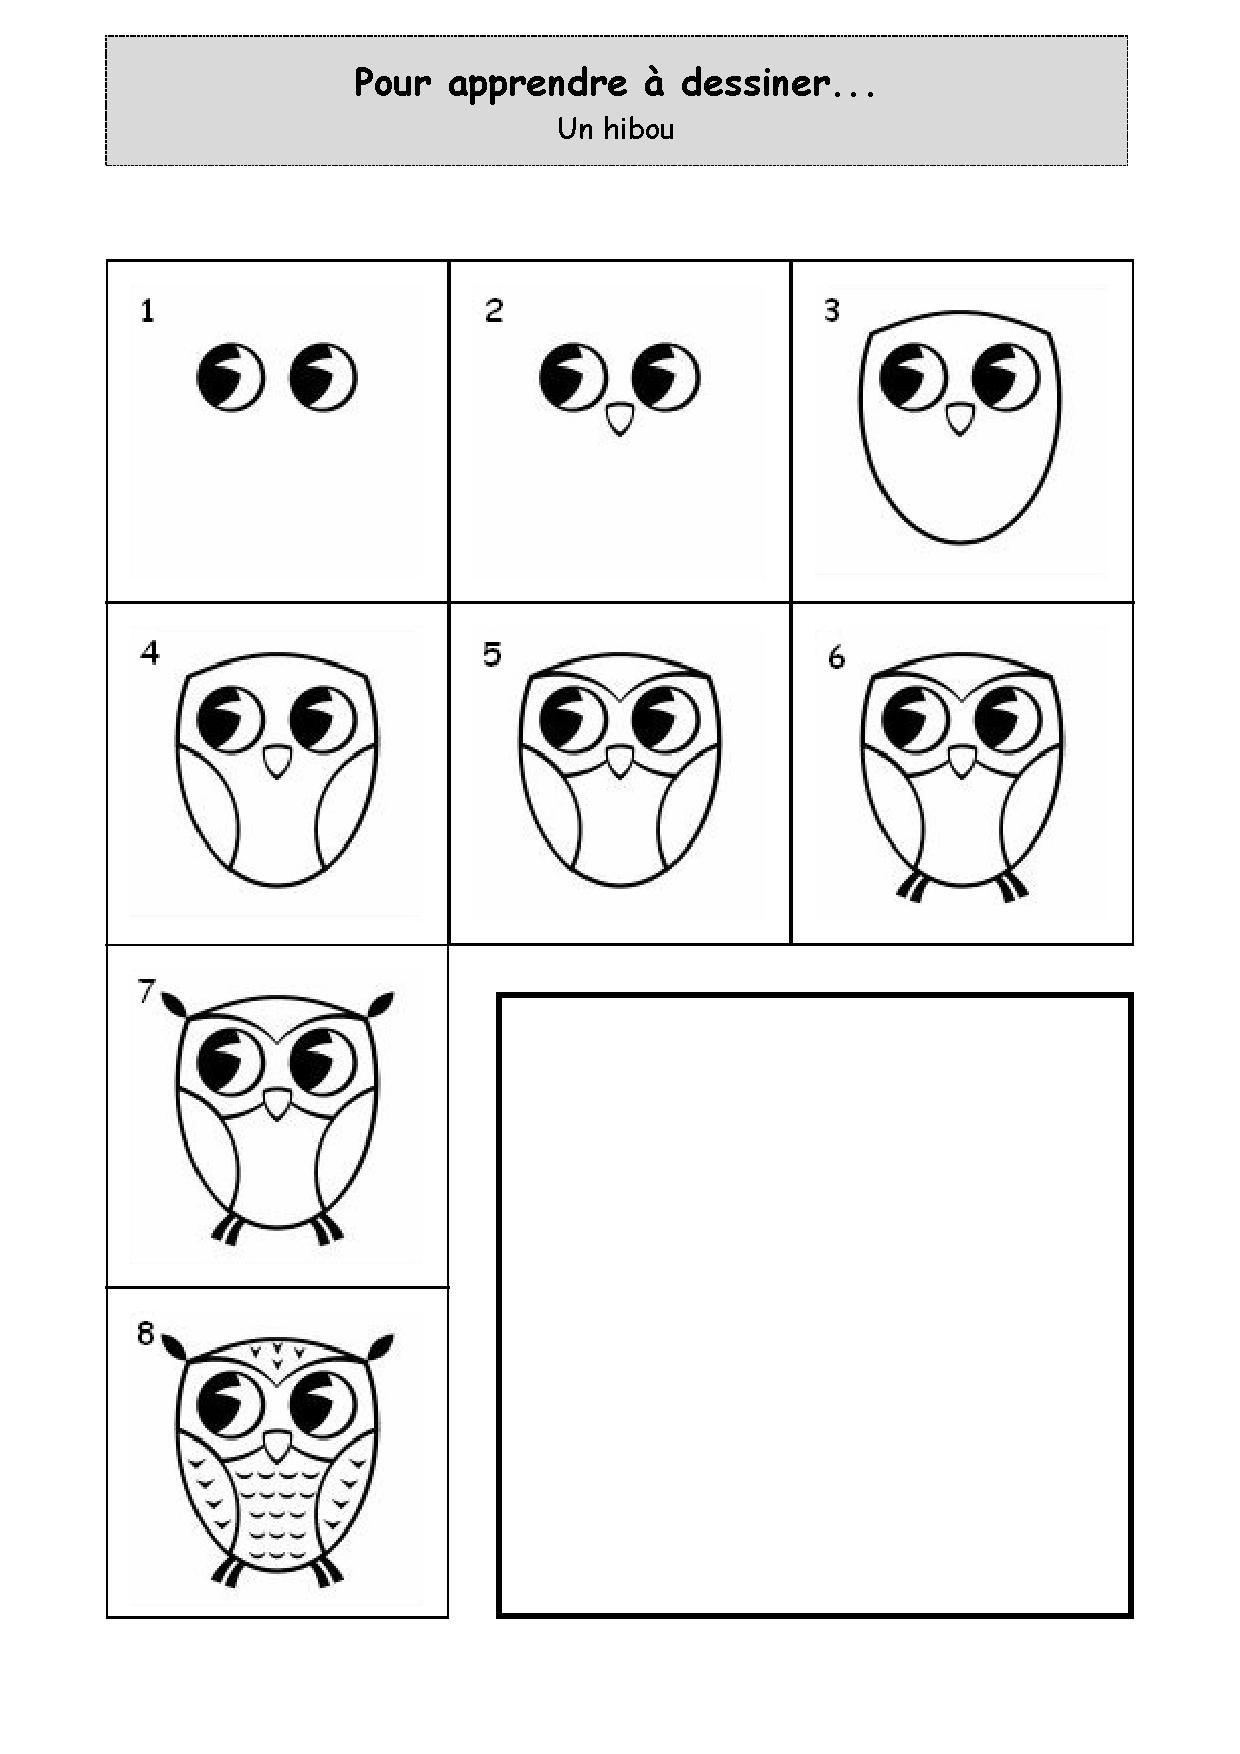 Apprendre À Dessiner Un Hibou destiné Apprendre À Dessiner En Maternelle